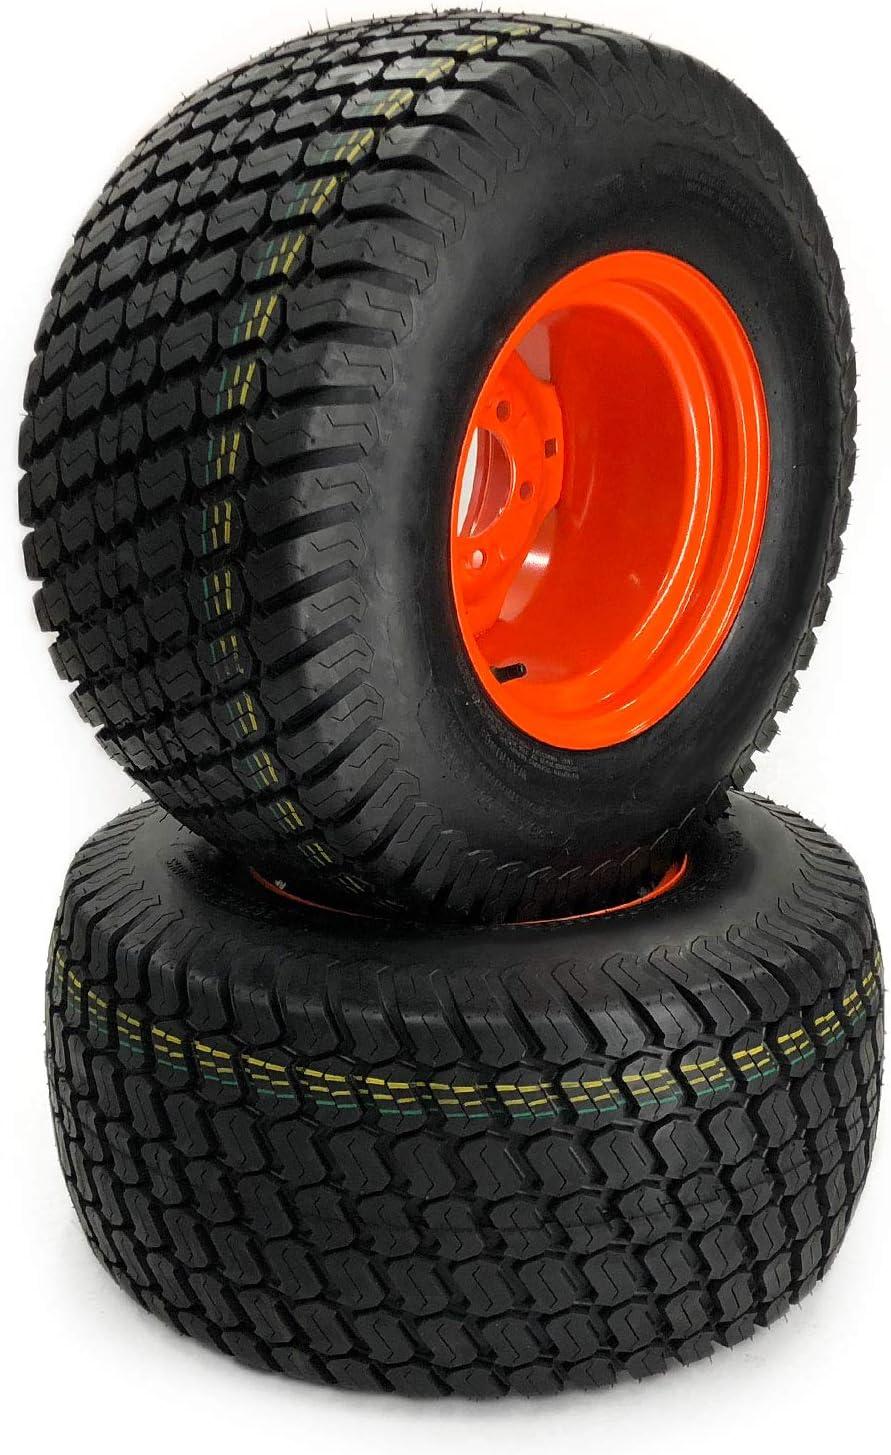 2 MowerPartsGroup Turf Wheel//Tire Assemblies 26x12.00-12 Fits Kubota BX2350D BX2370 BX2380